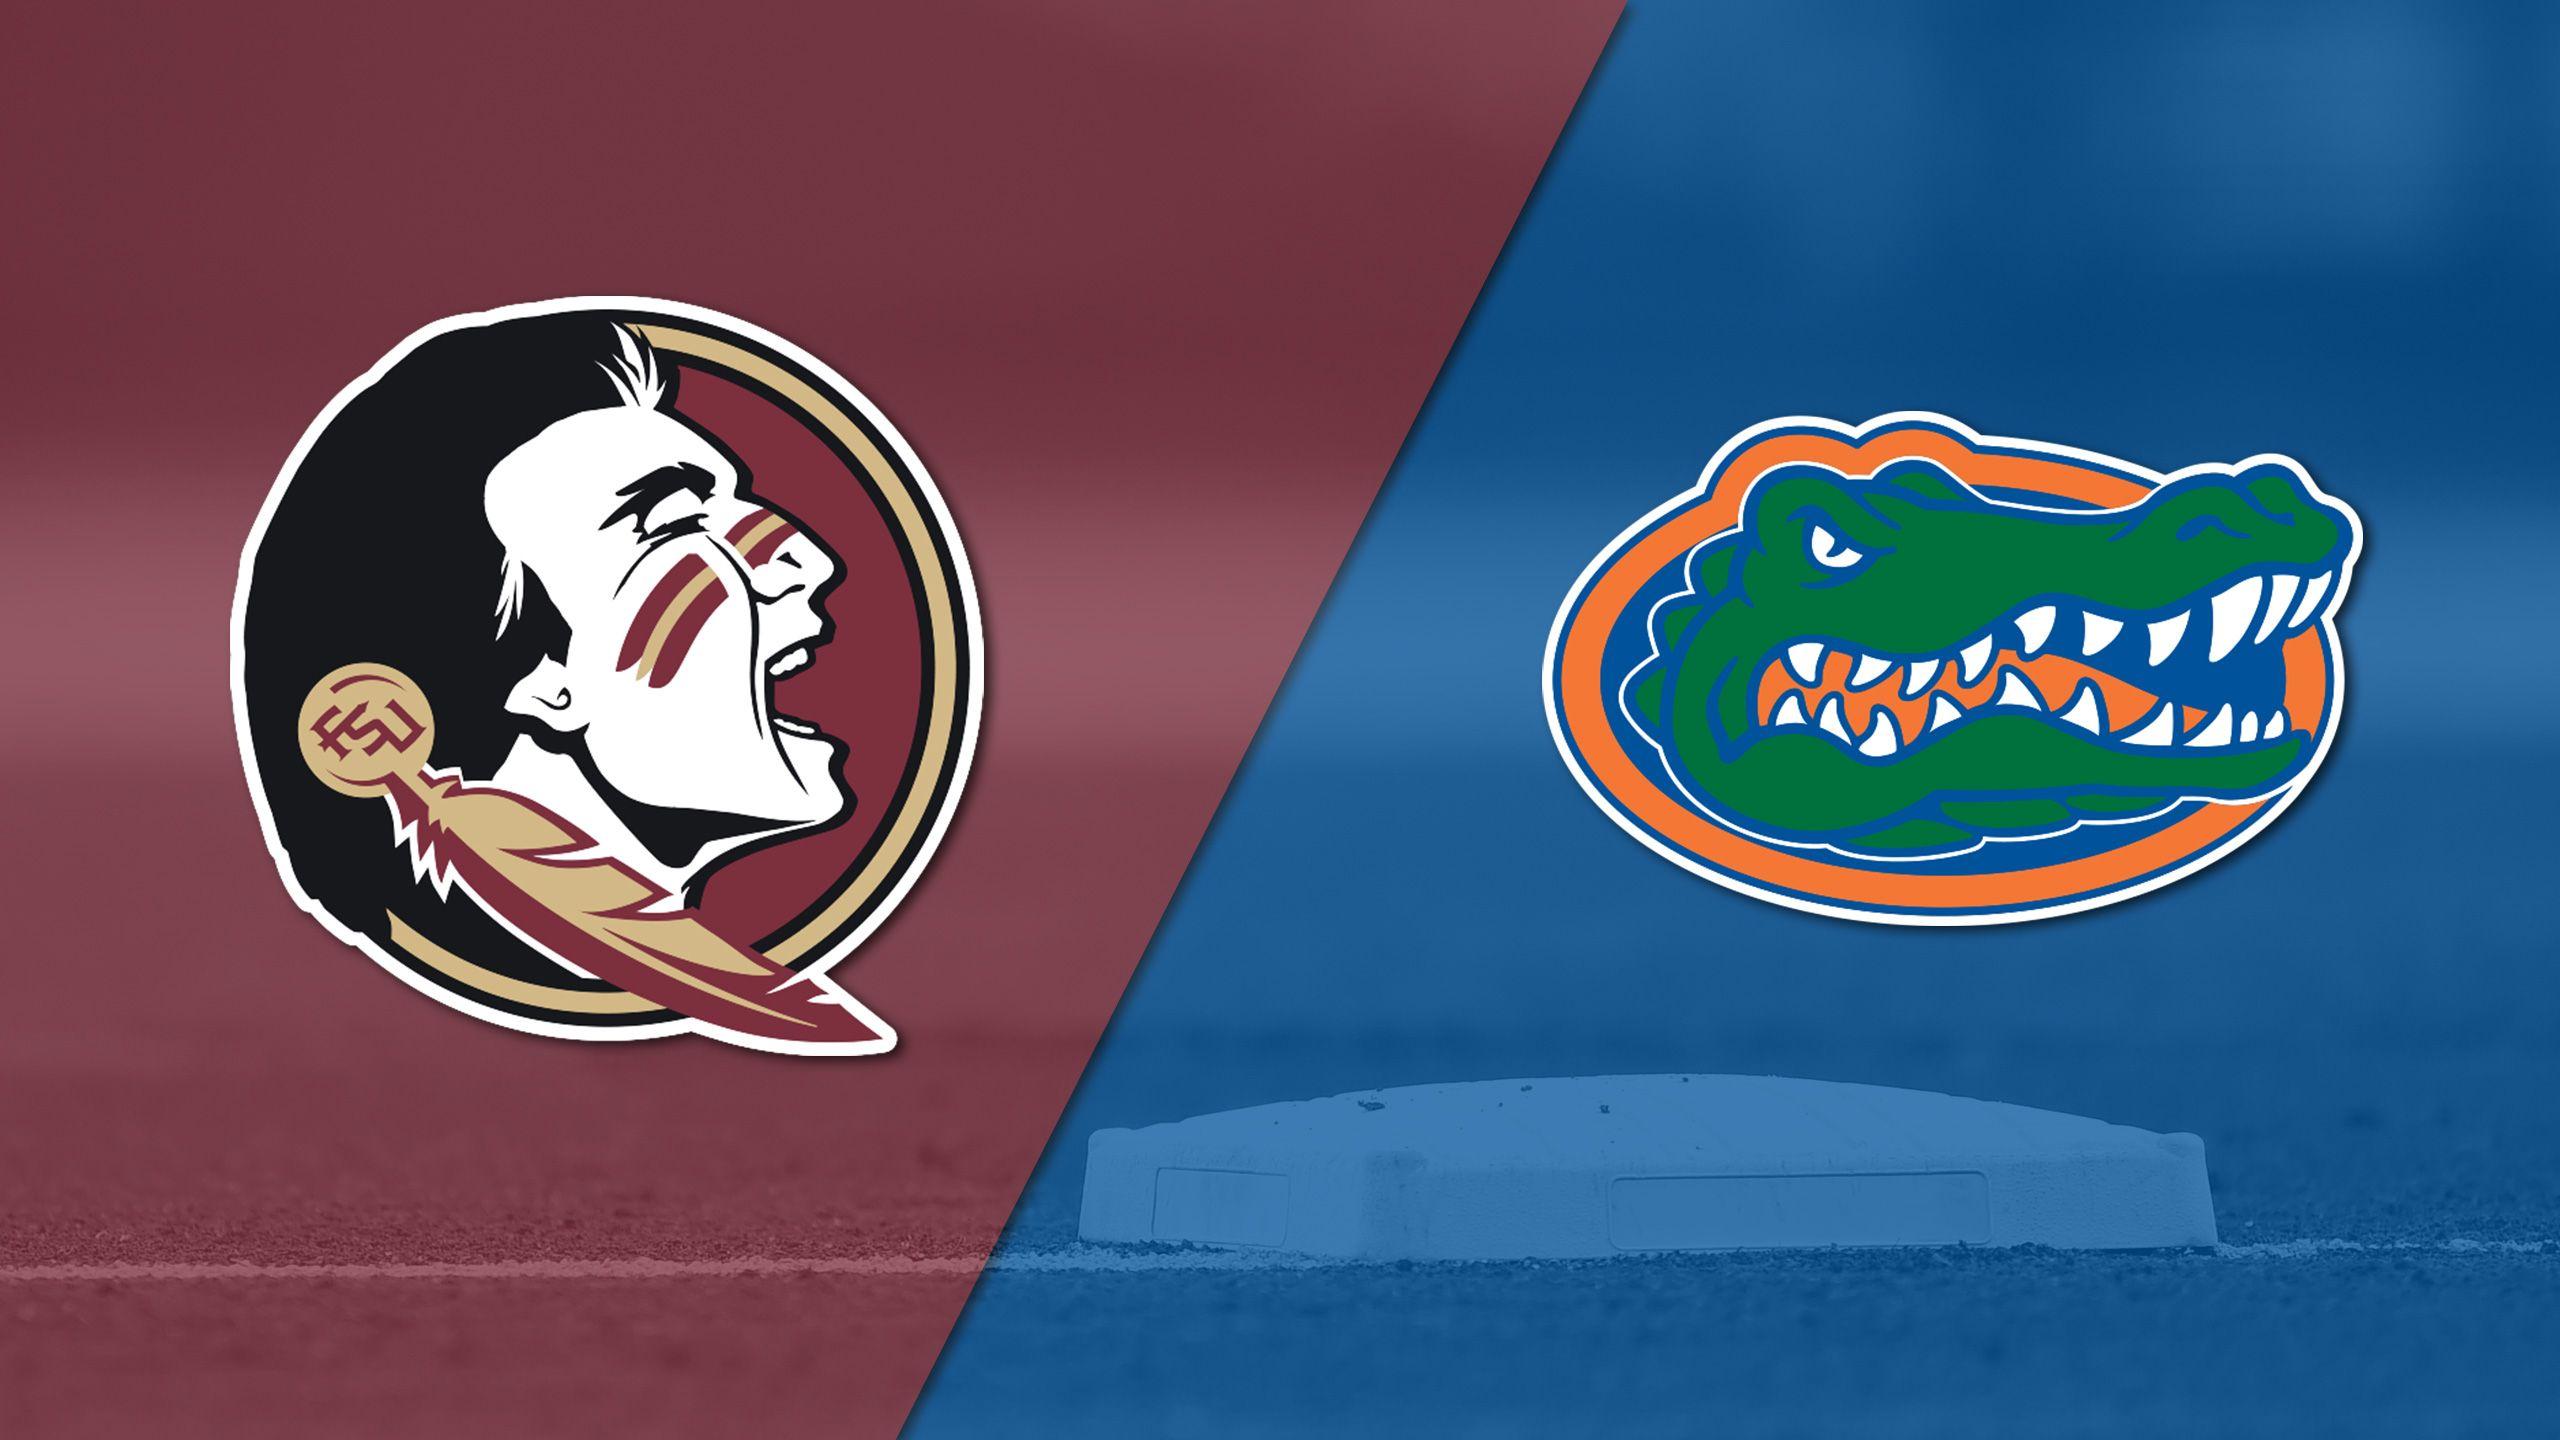 #3 Florida State vs. #5 Florida (Baseball)